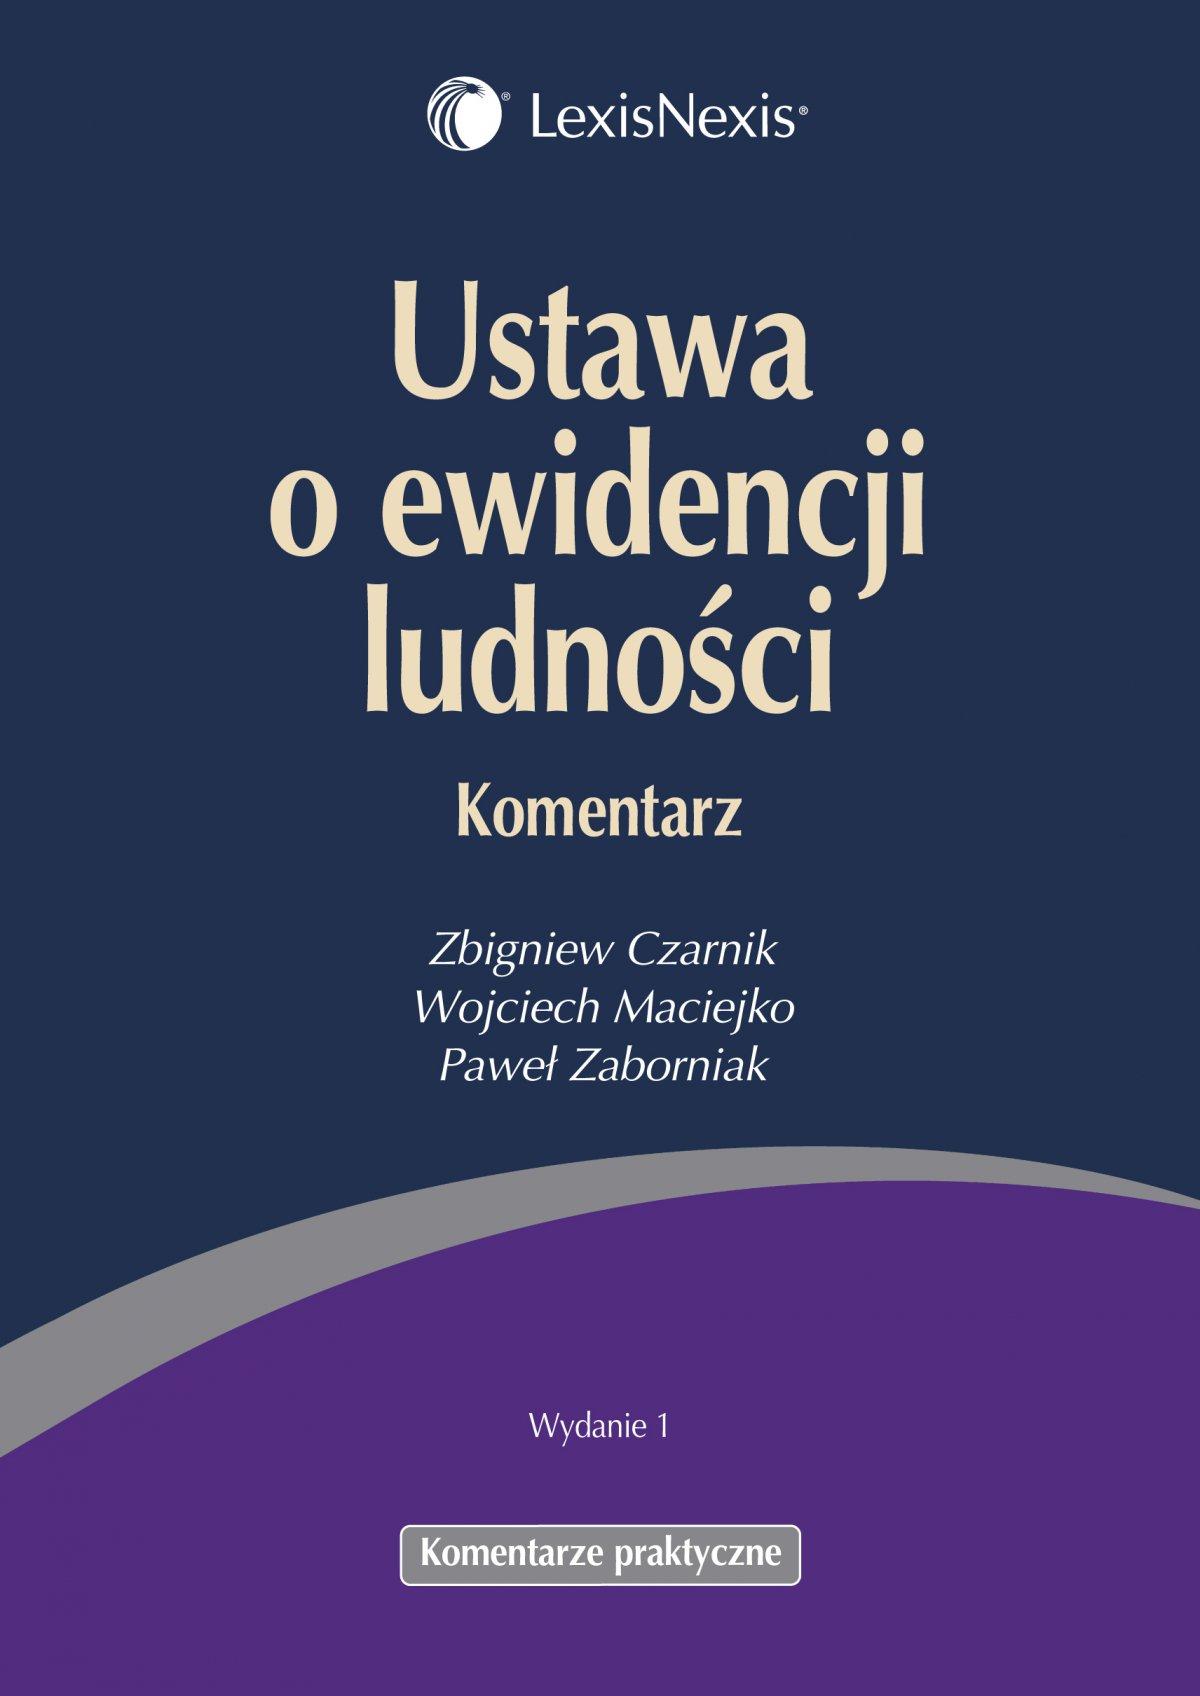 Ustawa o ewidencji ludności. Komentarz - Ebook (Książka PDF) do pobrania w formacie PDF